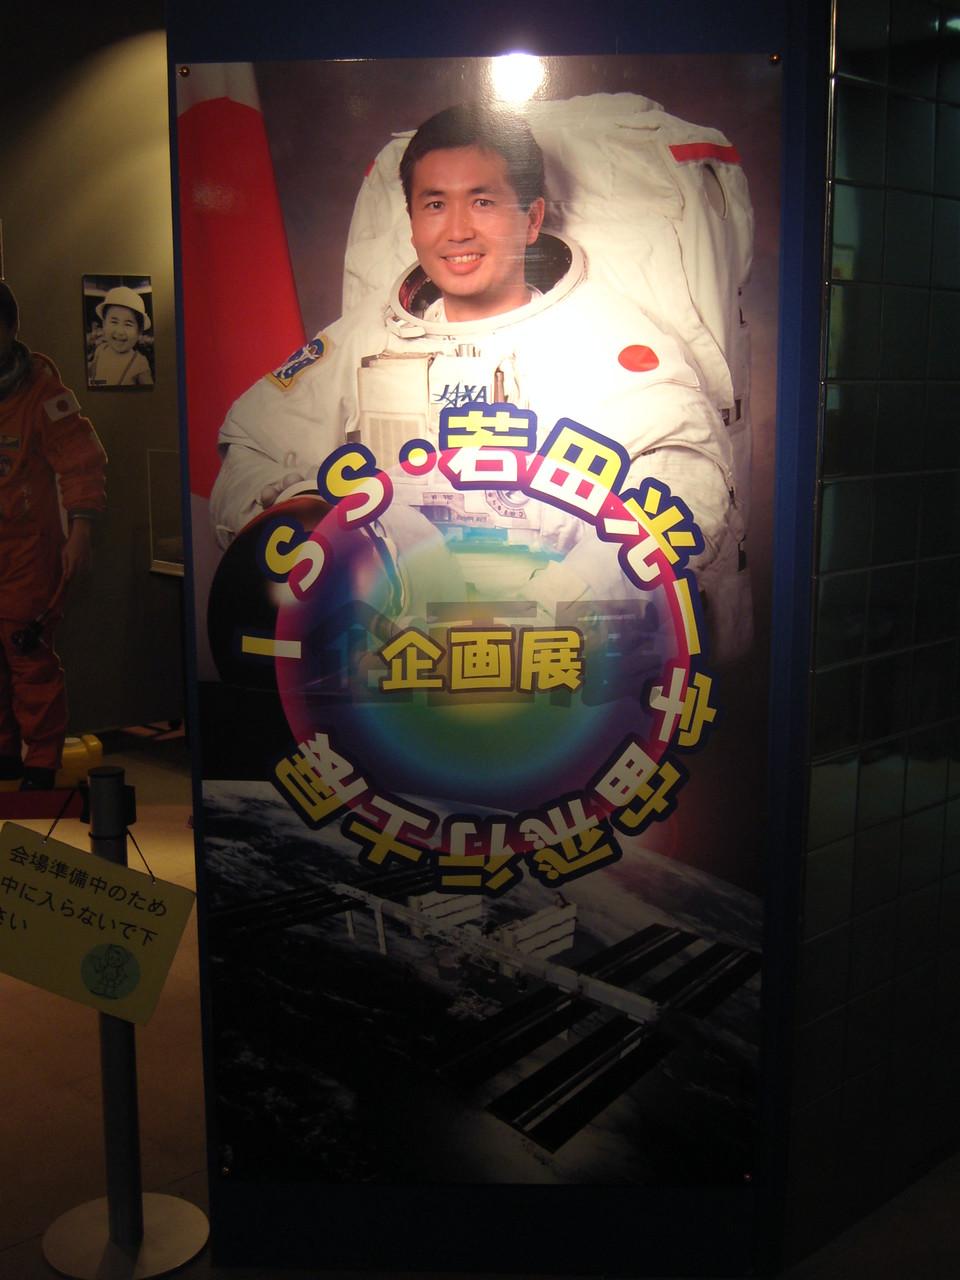 若田さんを記念する企画展の入口タイトルサインです。グラフィックデザインから施工まで行いました。